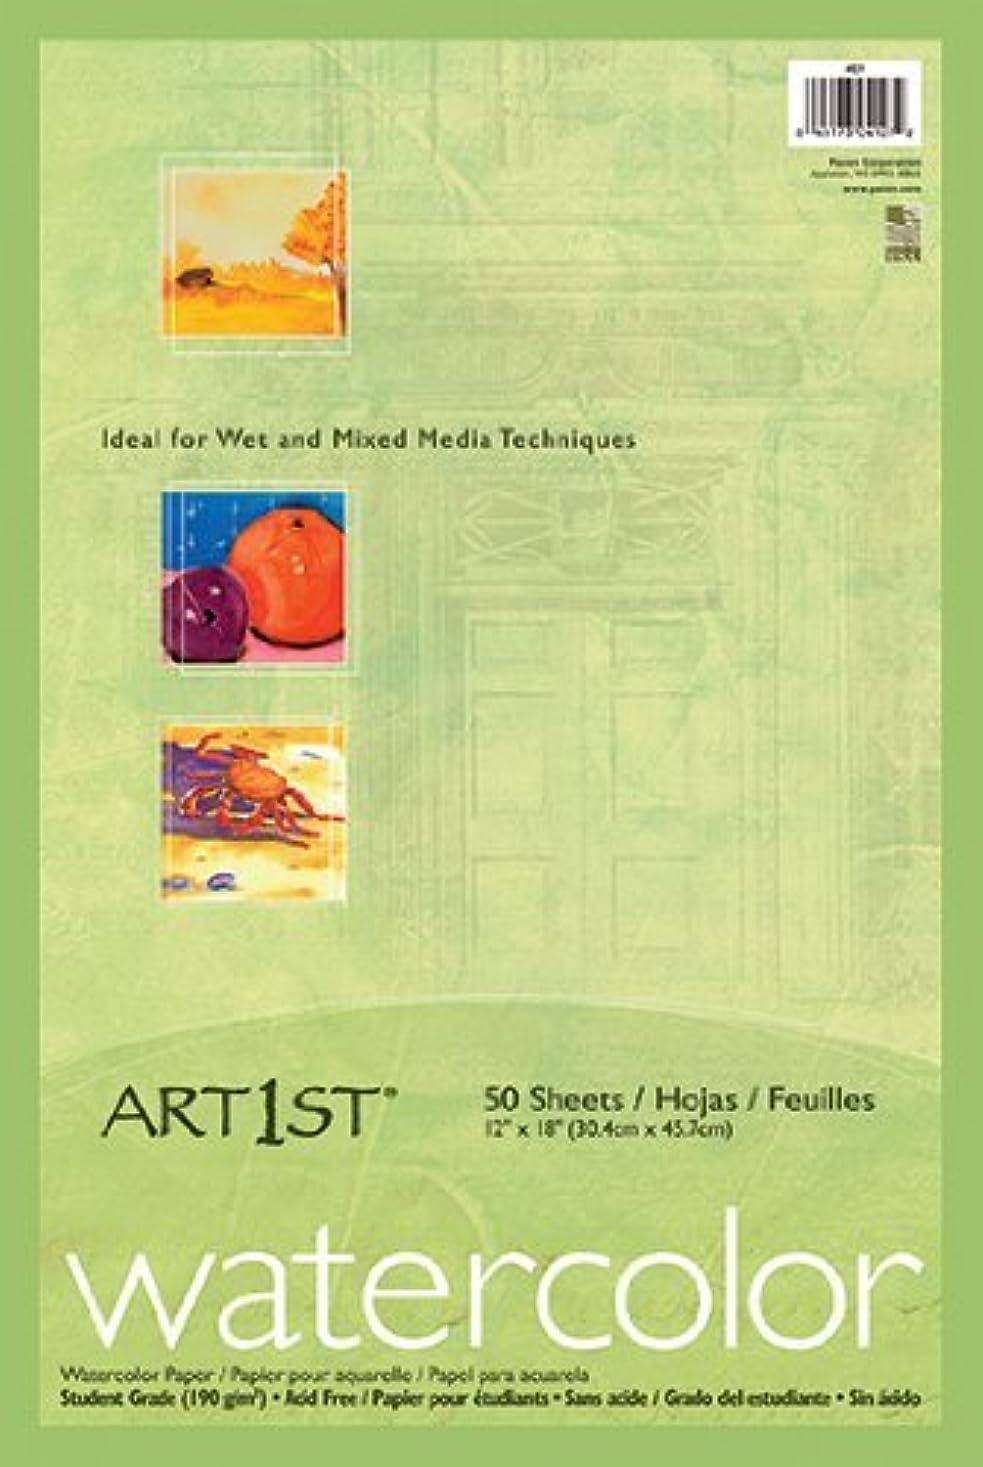 フローティングペッカディロプレゼン7パックPacon Corporation art1st水彩パッド12 x 18